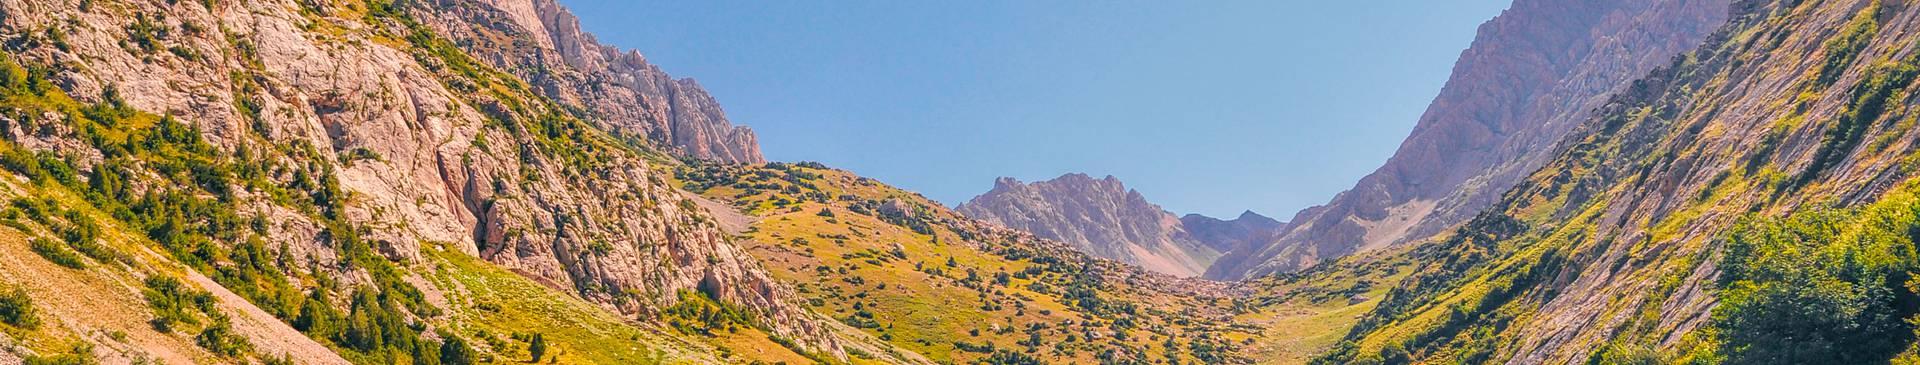 Viajes a Kirguistán en verano